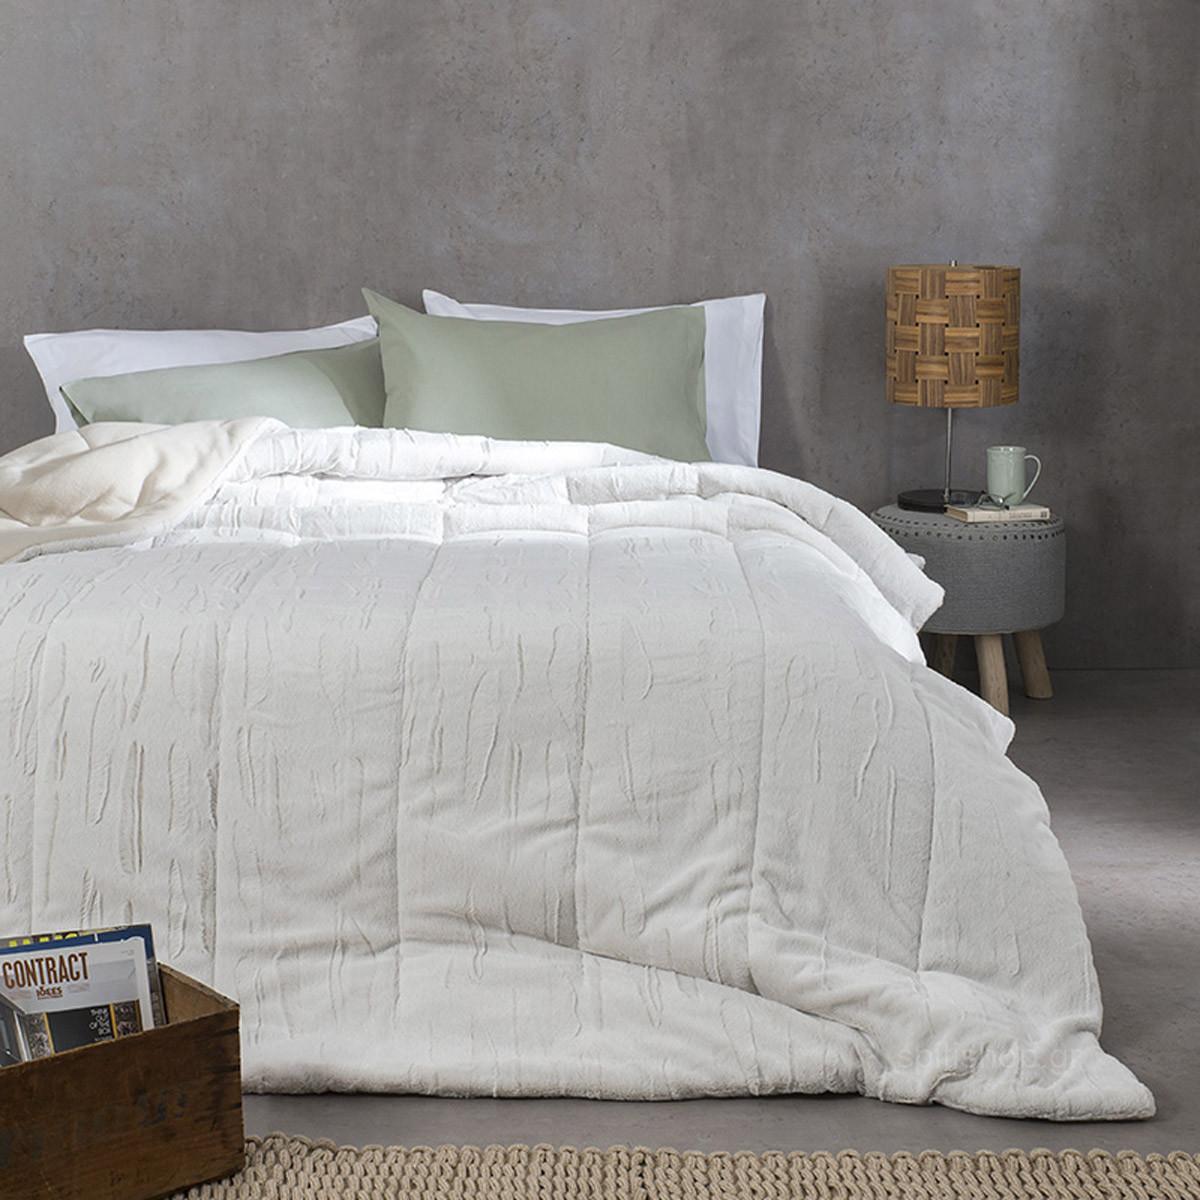 Κουβερτοπάπλωμα Υπέρδιπλο Nima Layers Fox home   κρεβατοκάμαρα   παπλώματα   κουβερτοπαπλώματα